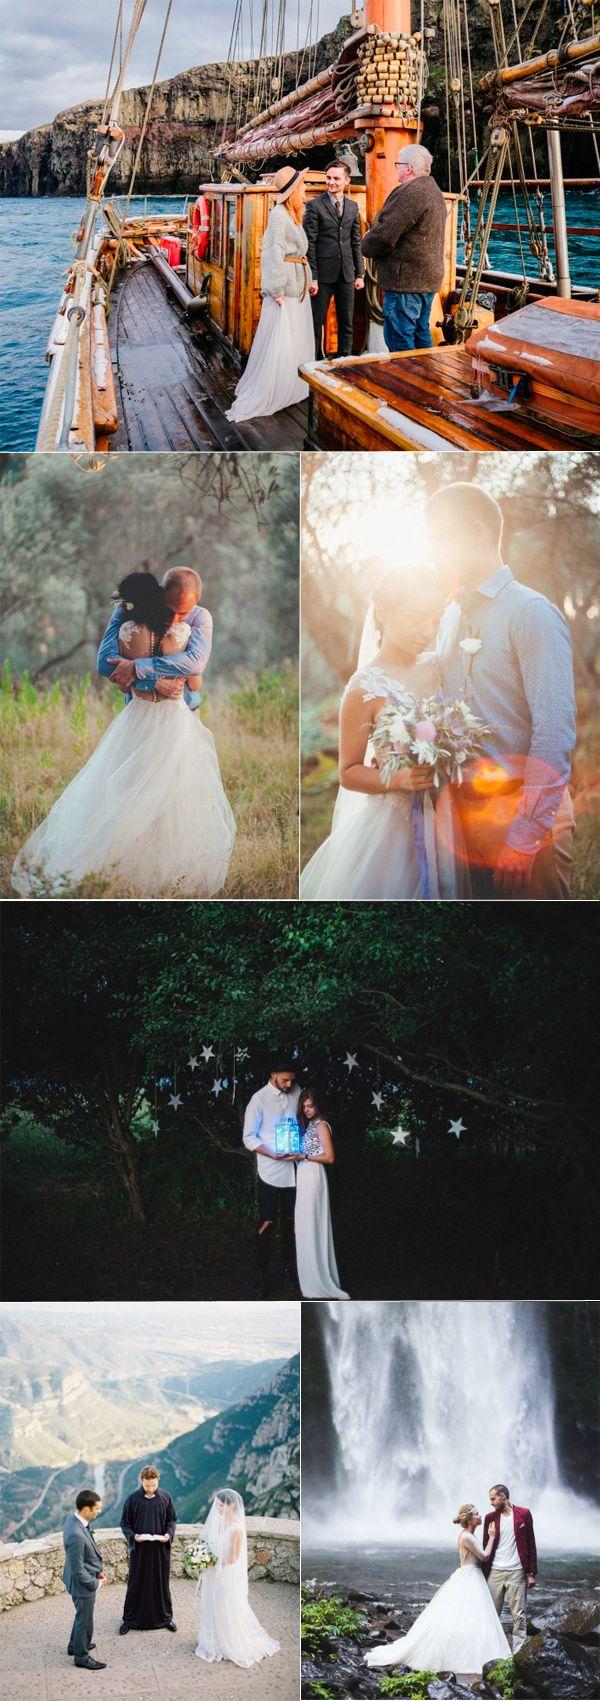 6 советы для пар. Сбежать ото всех и устроить романтическую свадьбу только для двоих – почему бы и нет? Но даже если вы выбрали для себя такой формат торжества, это не значит, что вы должны отказаться от незабываемого праздника! О том, как его организовать, читайте в нашей статье. #свадьба #подготовка #невеста #фото #красиво